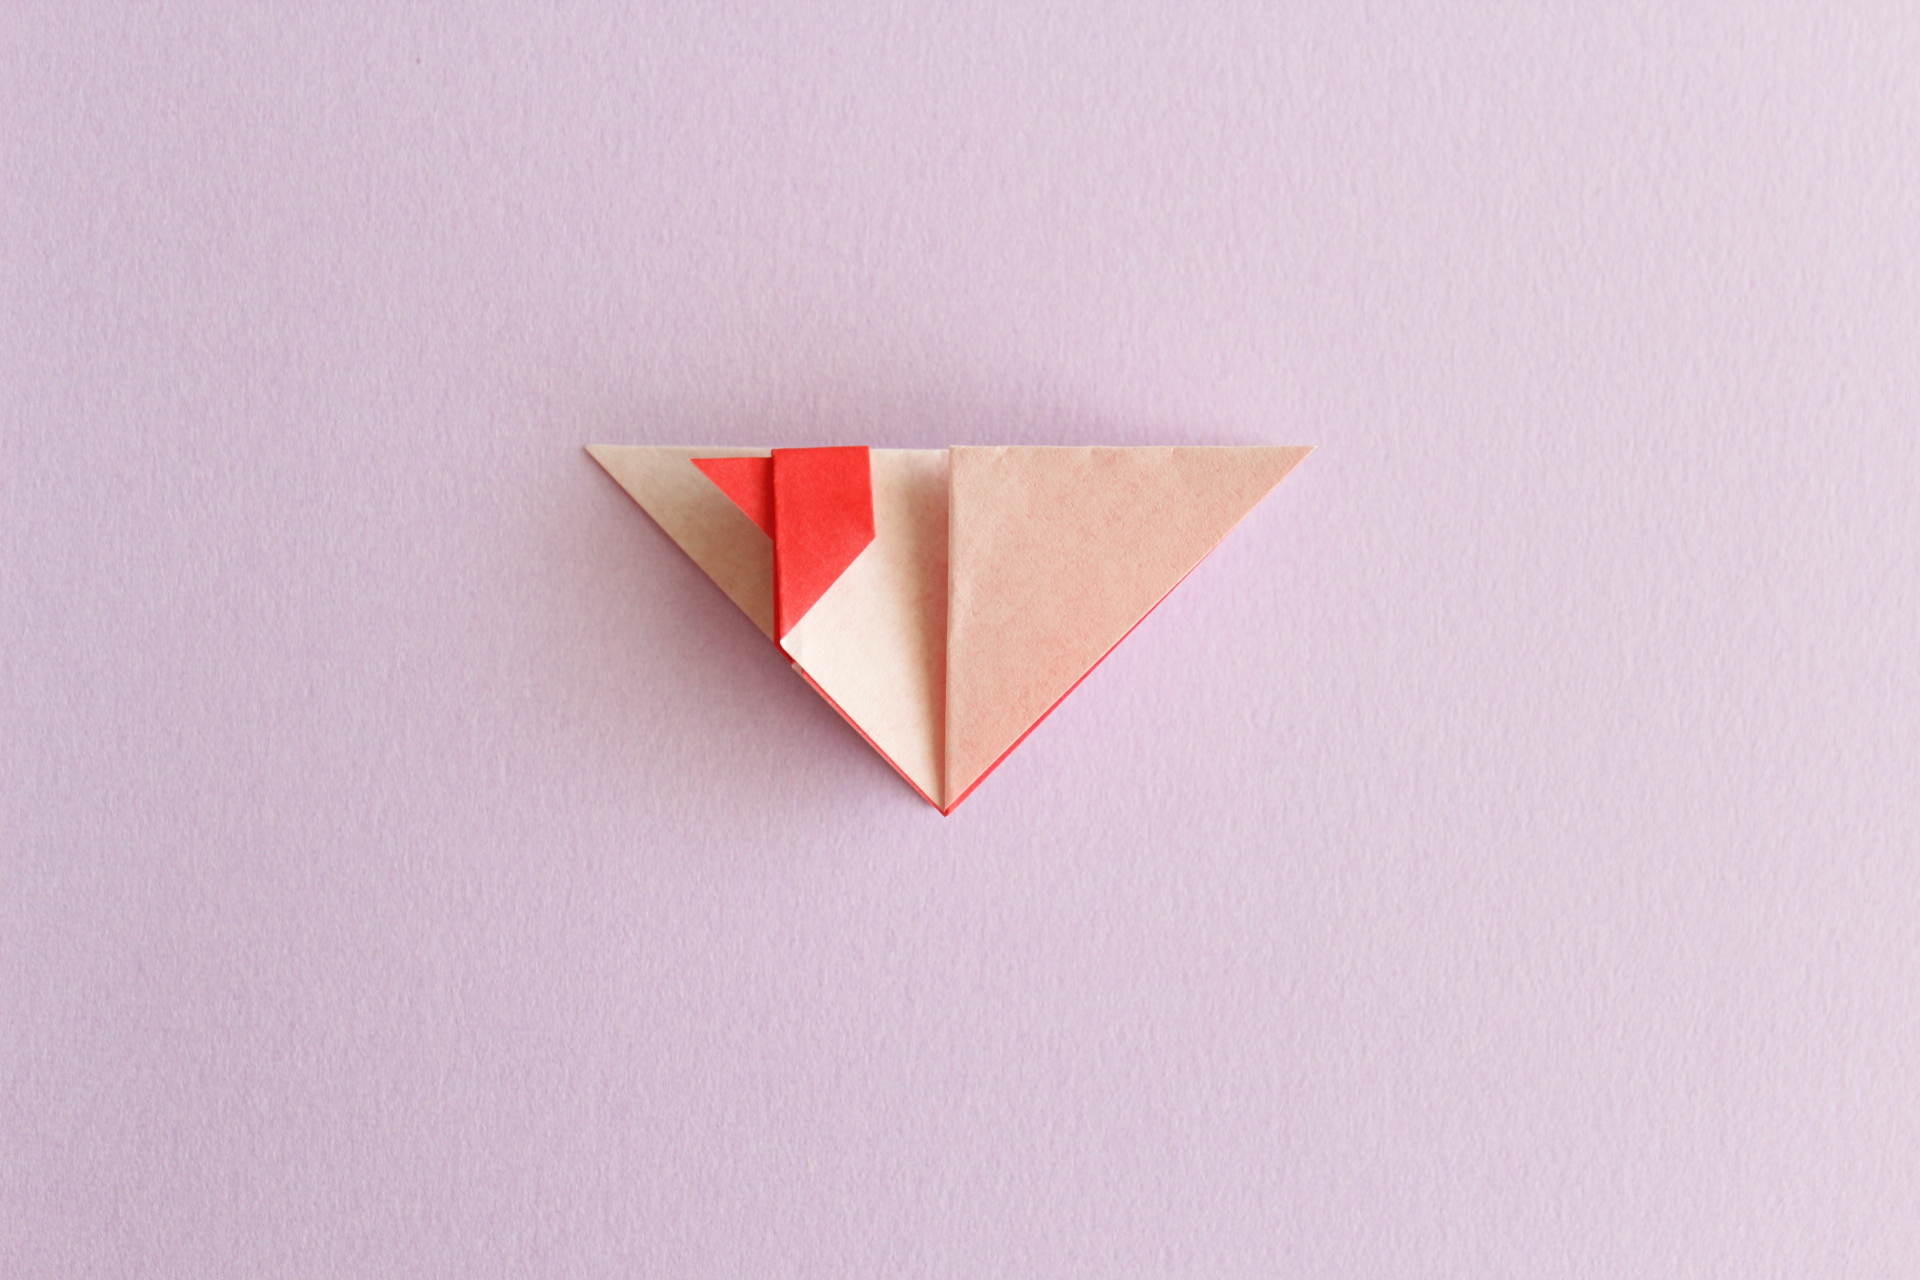 折り方11